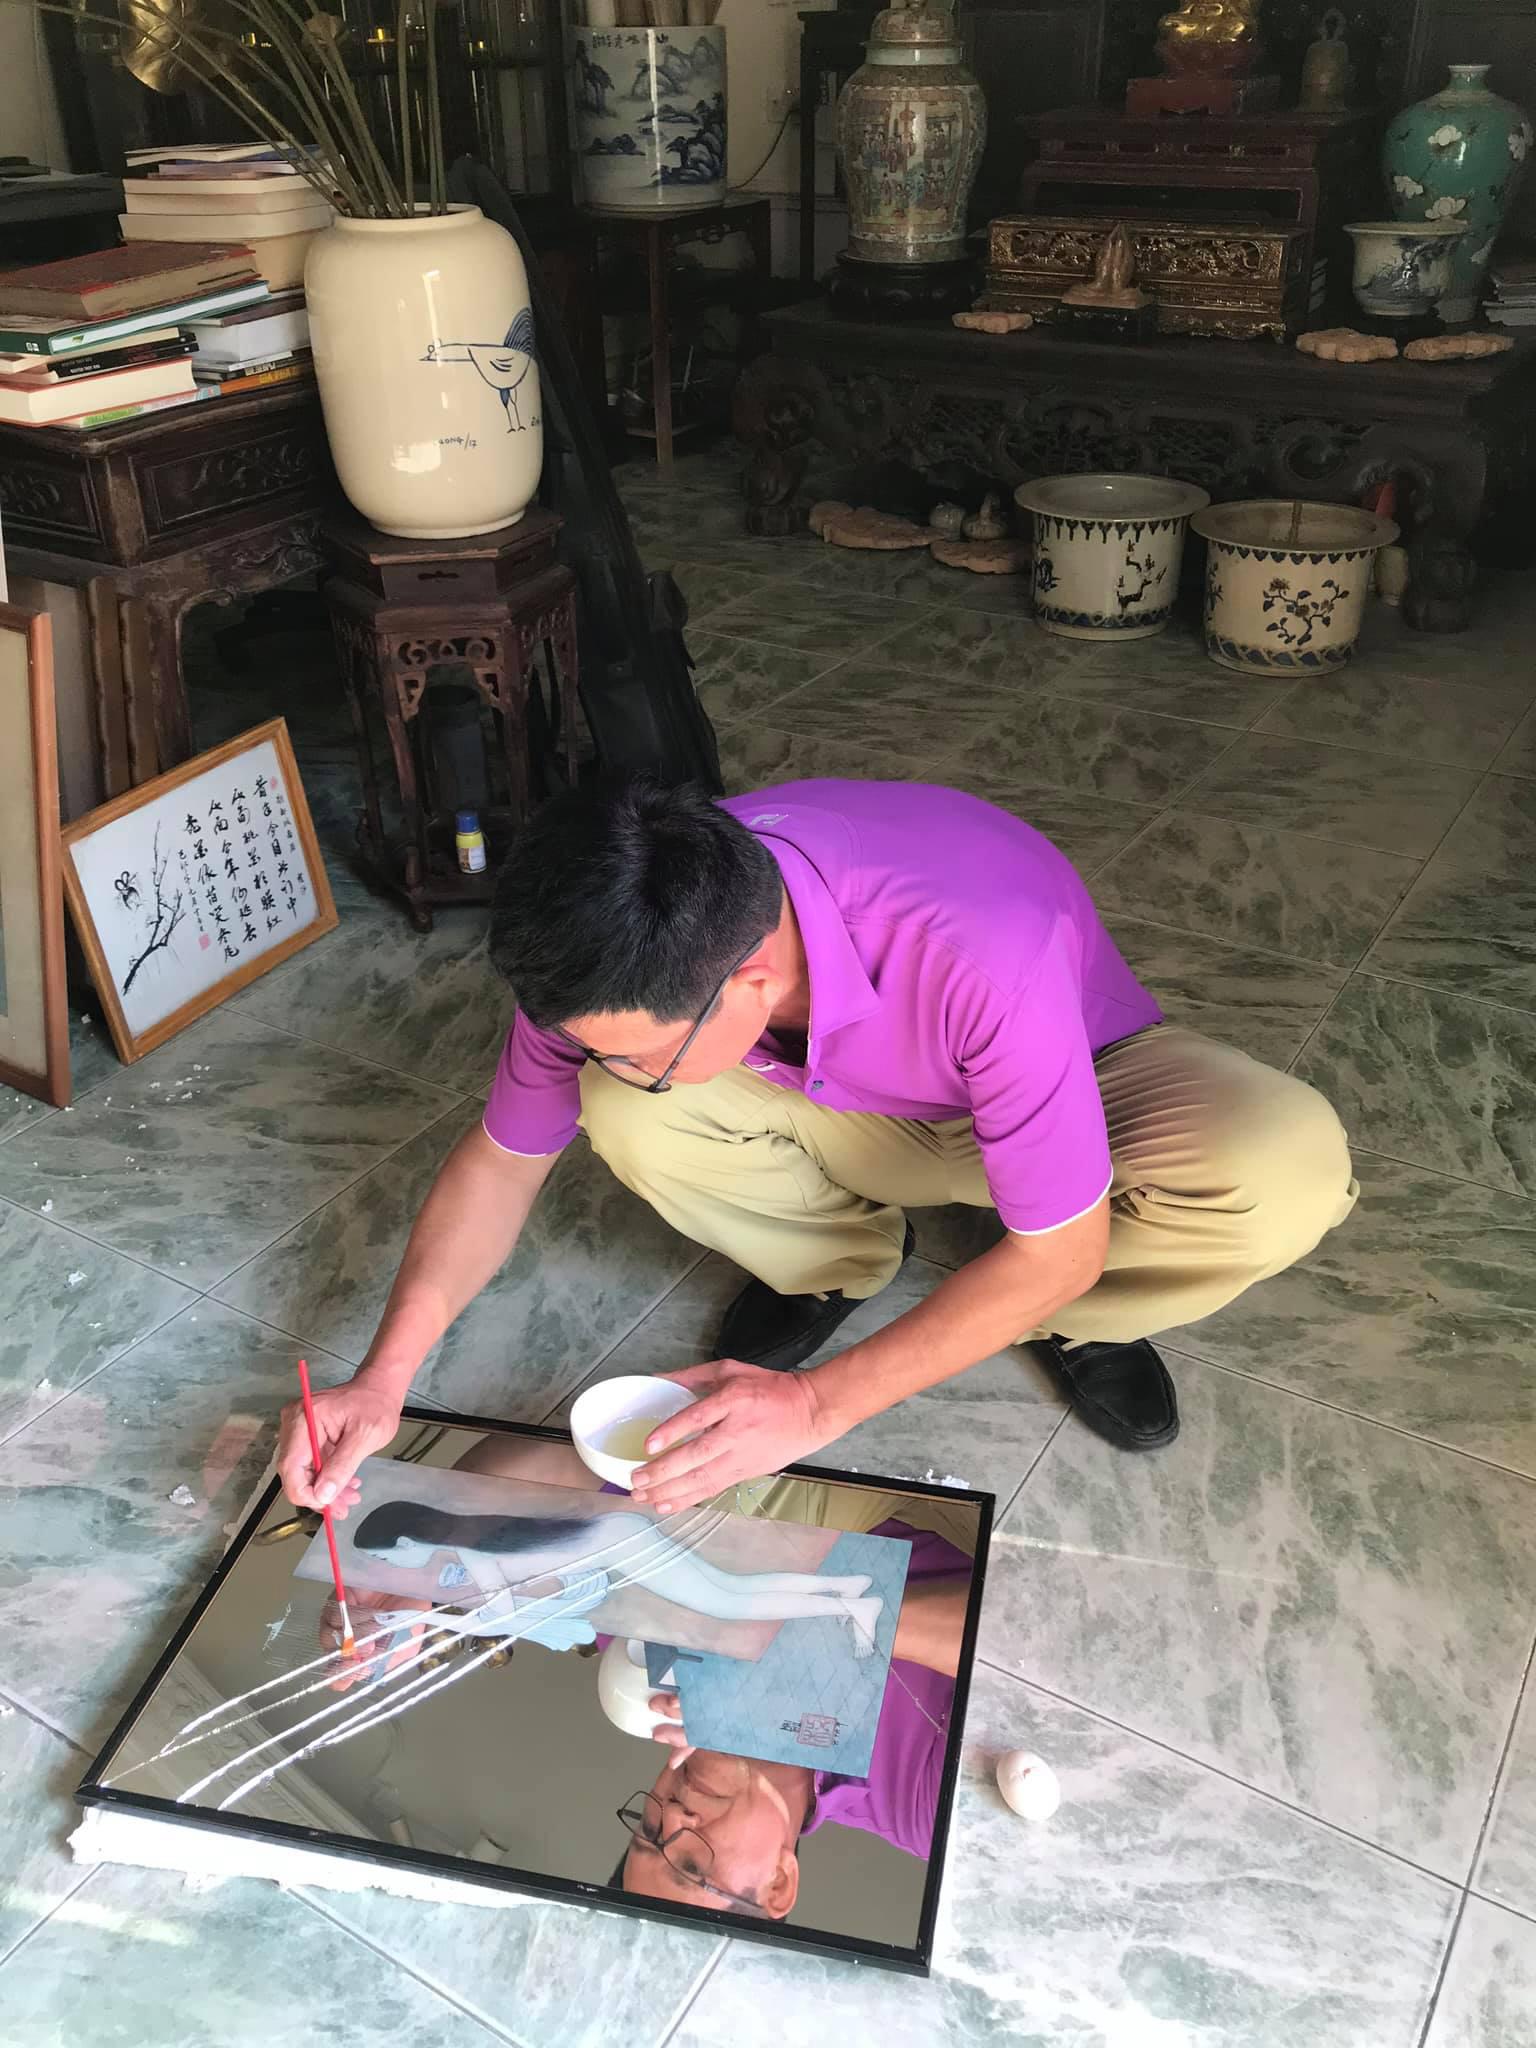 """Tuấn """"cá sấu"""" đau xót vì vỡ độc bản trên gương của họa sĩ Mai Trung Thứ  - Ảnh 1."""